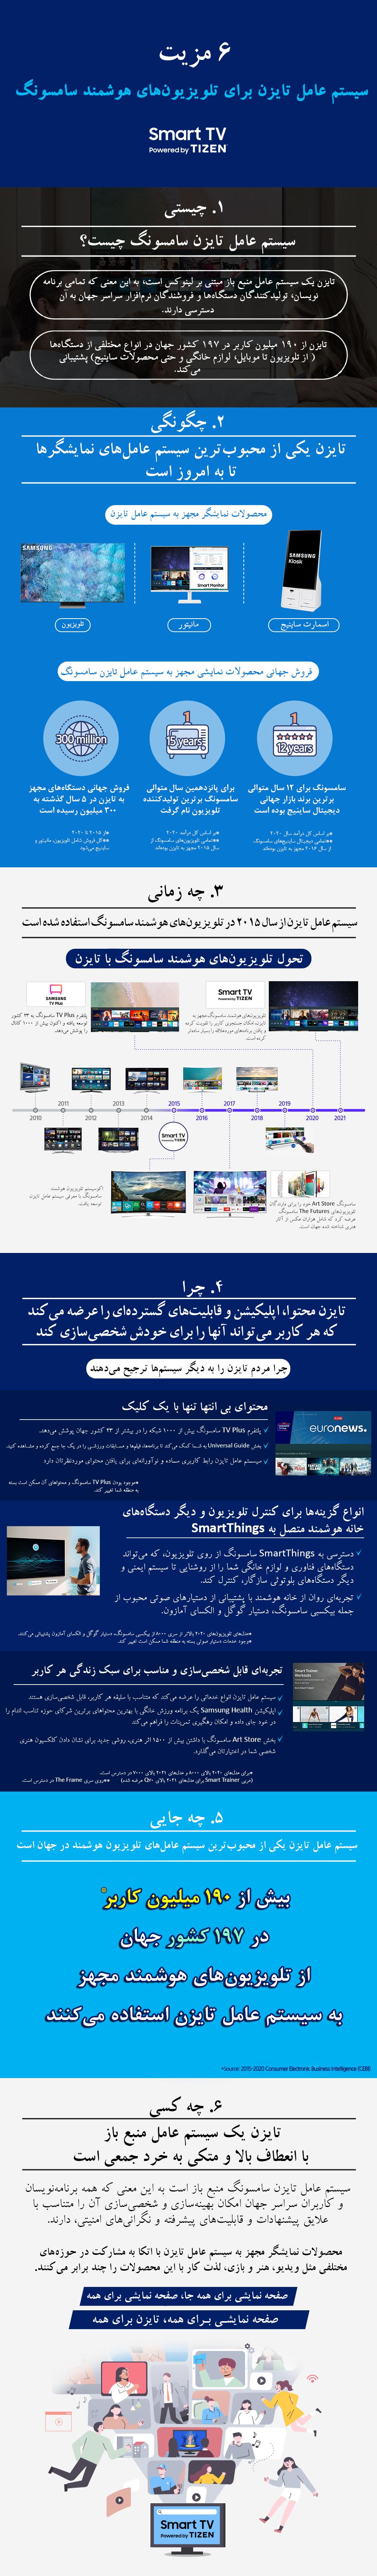 AV - Samsung Tizen OS Smart TV